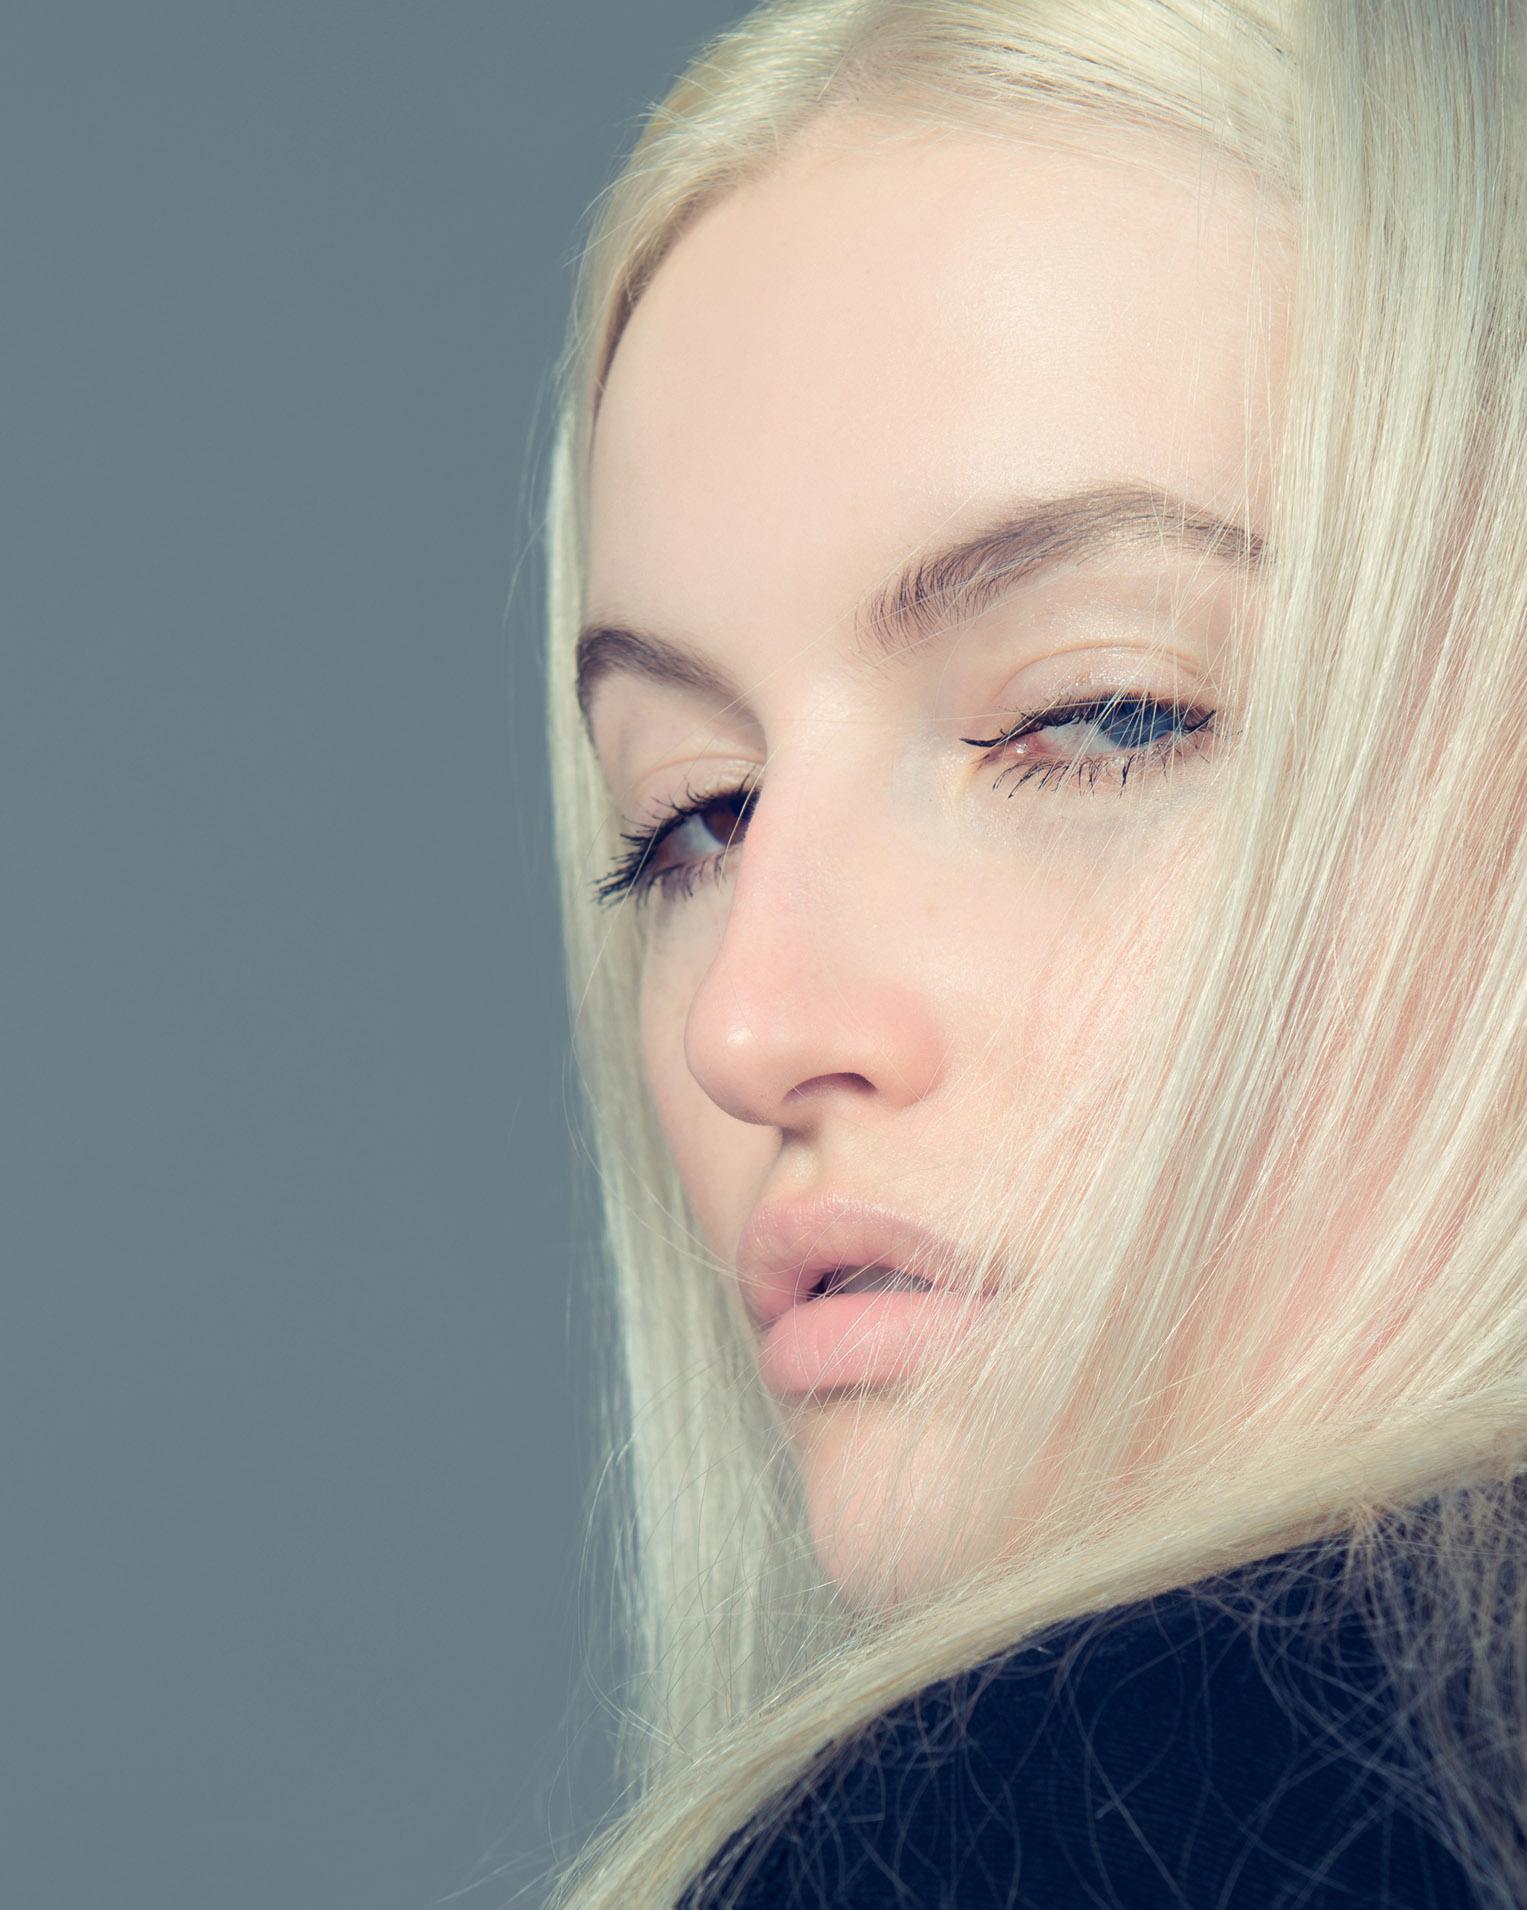 Shy Girl / Magdalena Rzazewska by Adam Trzaska / Kaltblut Magazine